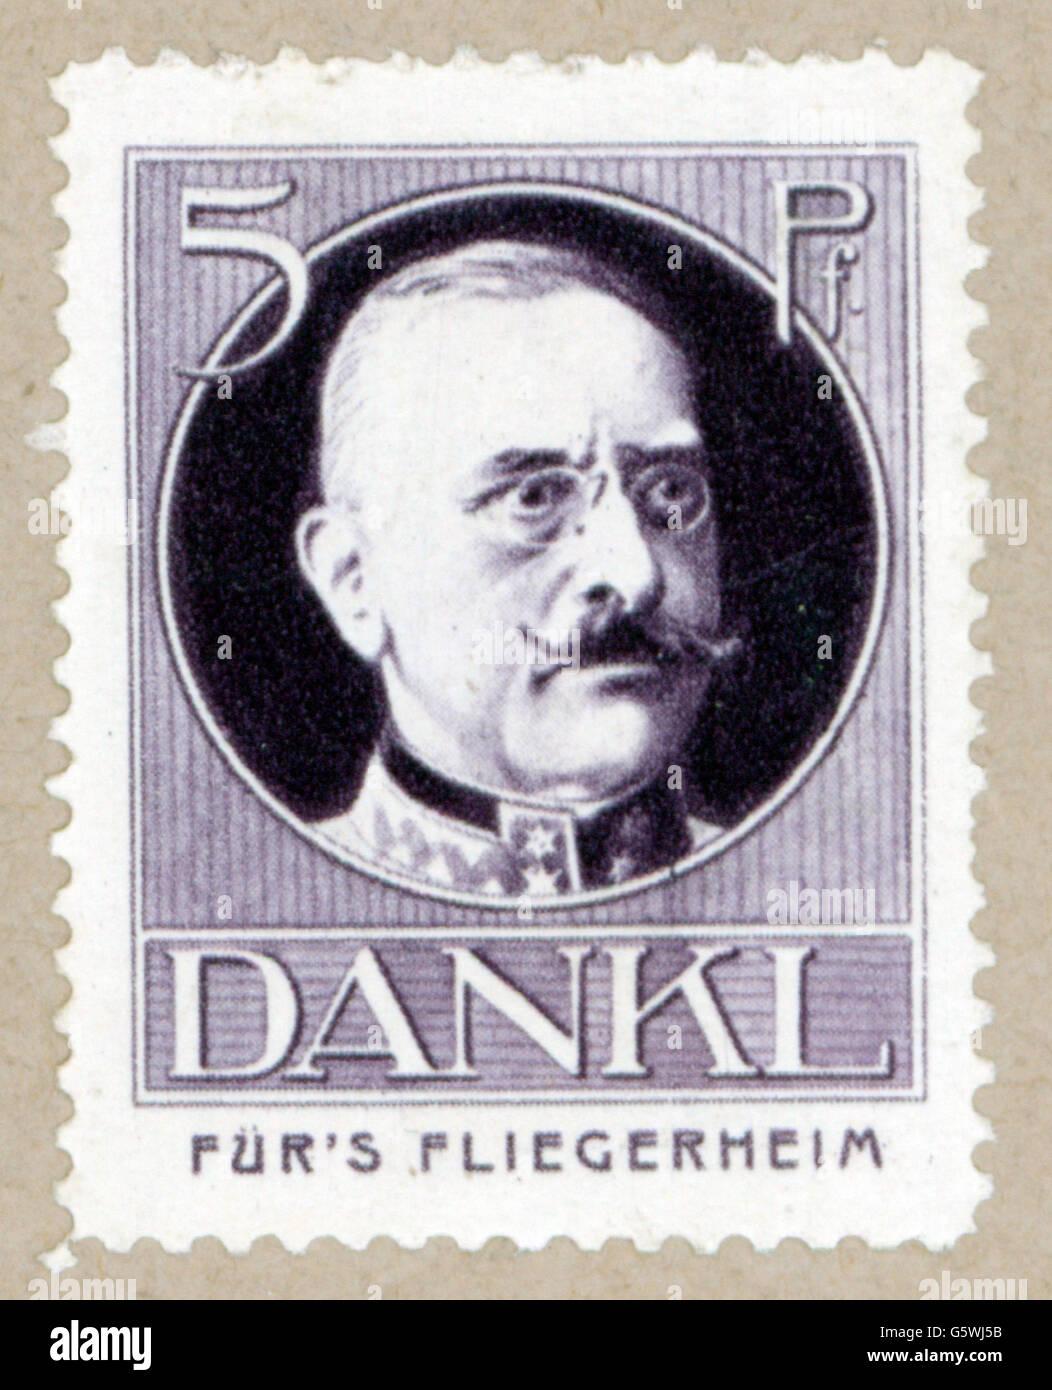 """Dankl von Krasnik, Viktor, 18.9.1854 - 8.1.1941, Austrian general, portrait, poster stamp """"Für's Fliegerheim"""", Germany, Stock Photo"""